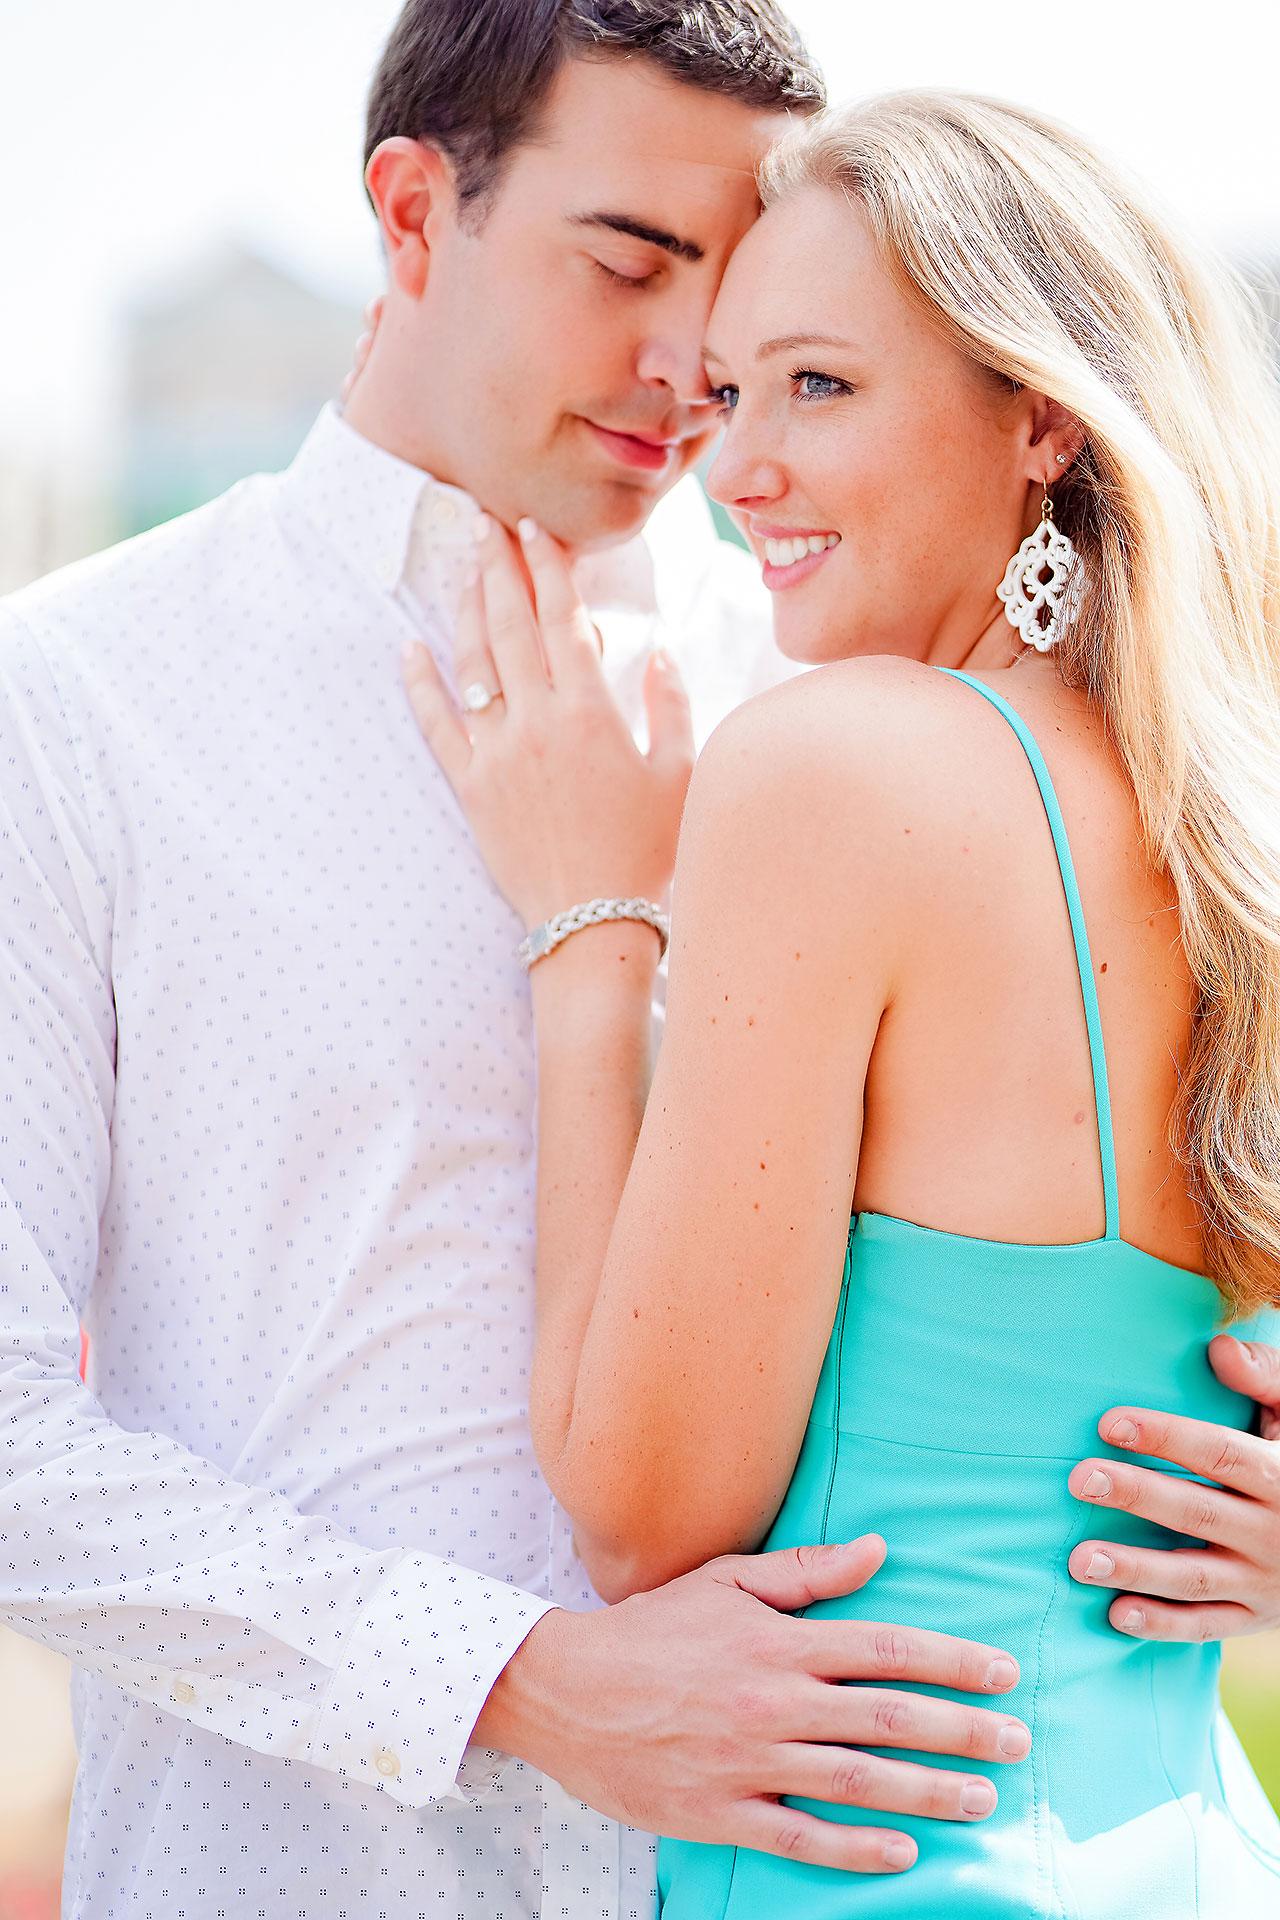 Liz Zach Midtown Carmel Engagement Session 106